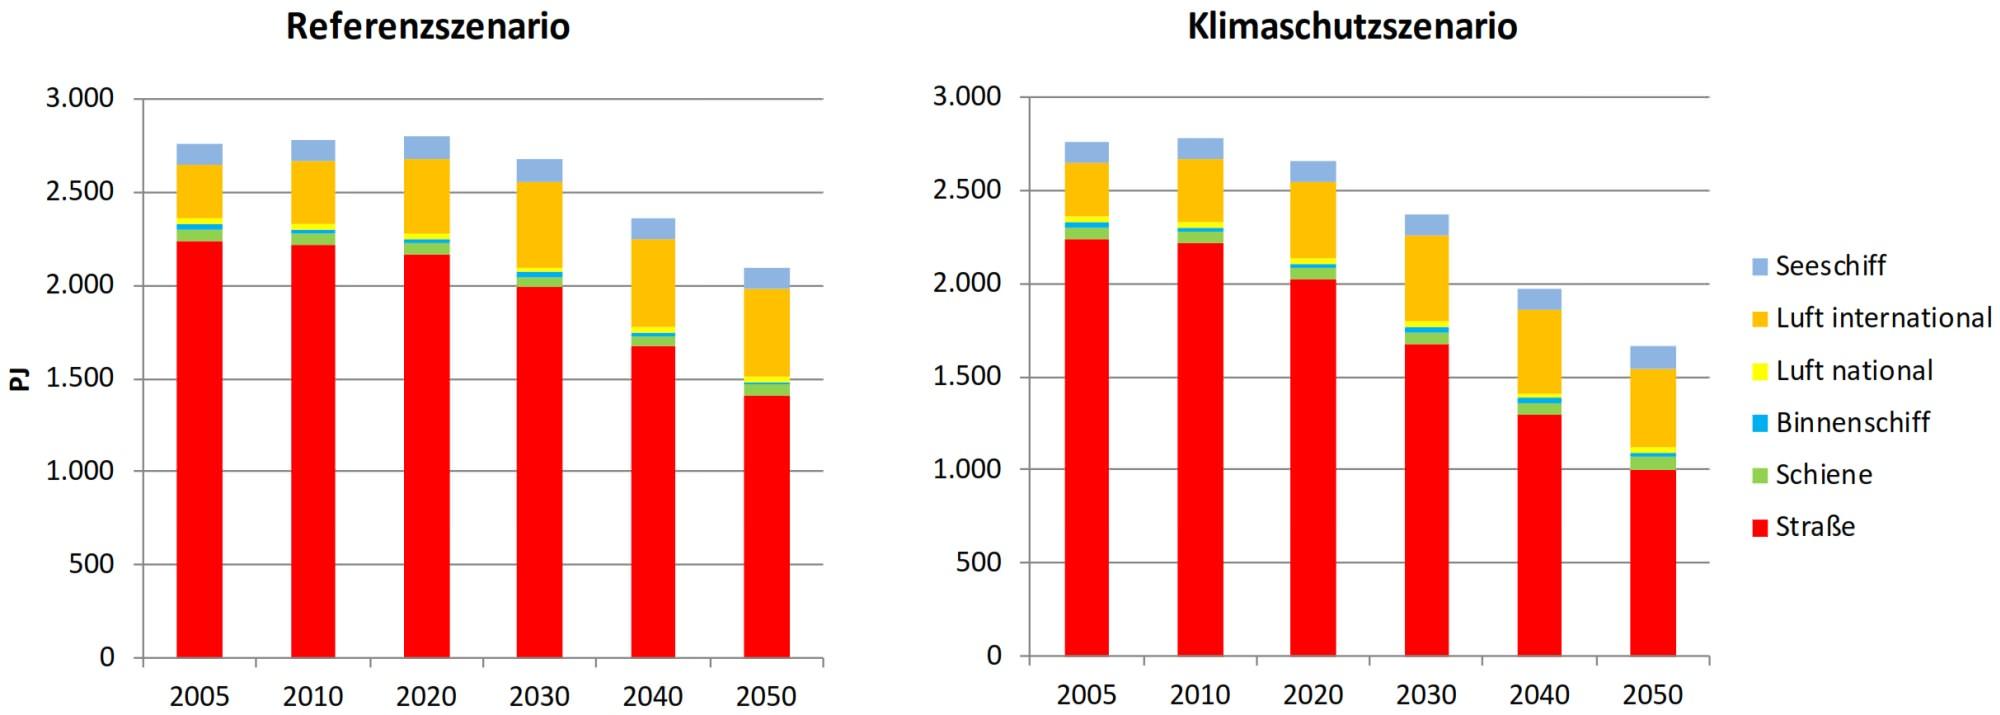 Gesamtverkehr Endenergieverbauch Entwicklung 2050 Klimaschutz im Verkehr